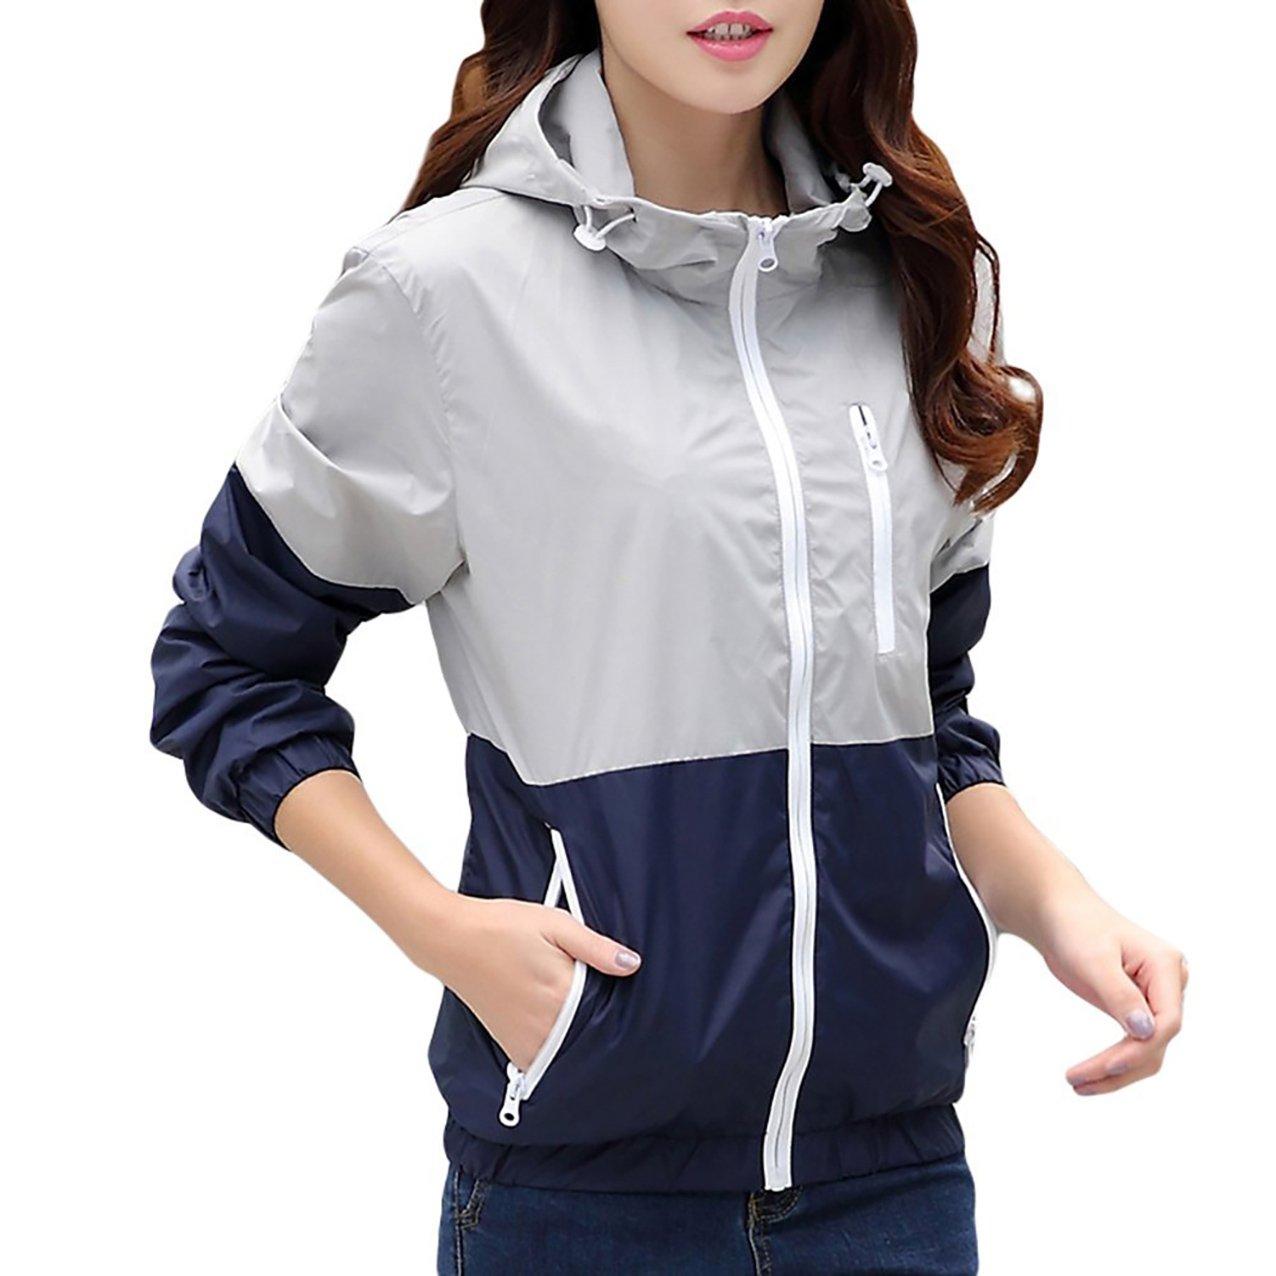 Nantersan Womens Light Weight Outdoor Hooded Windbreaker Sports Outwear Jacket